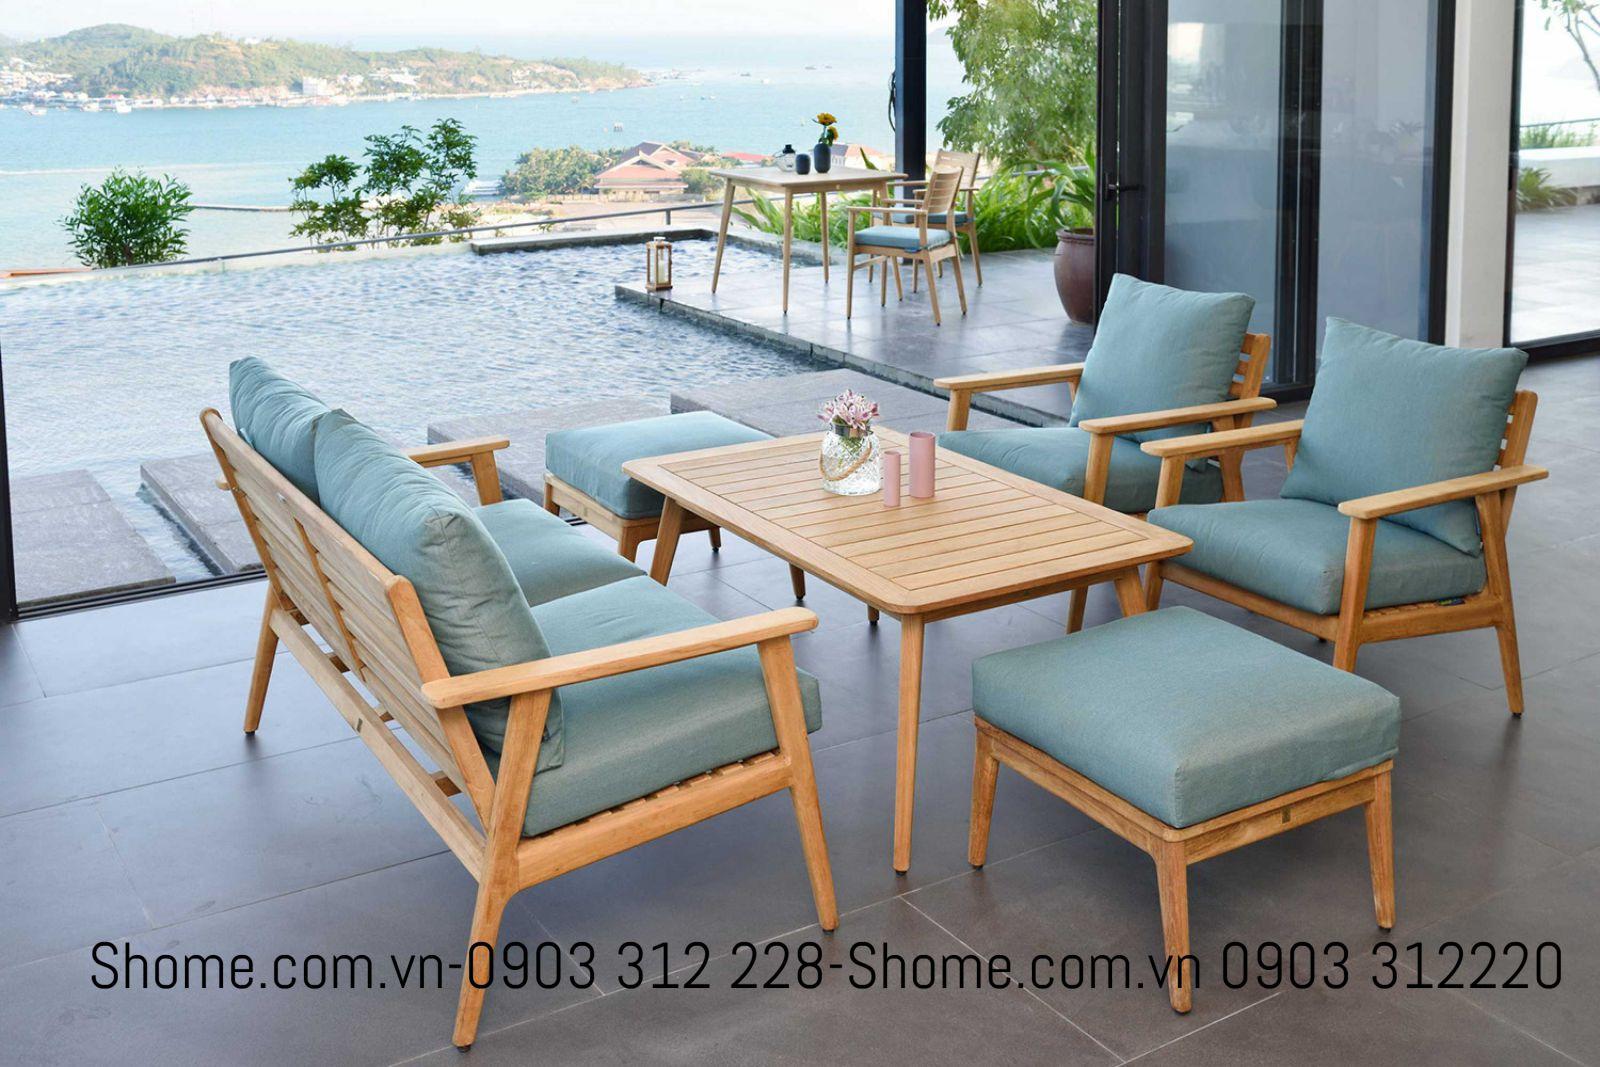 sofa chữ l, sofa gỗ, sofa giá rẻ,sofa phòng khách, sofa da, địa chỉ bán sofa đẹp rẻ, công ty cung cấp sofa tại tphcm, sofa nhập khẩu giá tốt, sofa xuất khẩu giá rẻ, mua sofa giá rẻ tại tphcm, cung cấp sofa tại tphcm,